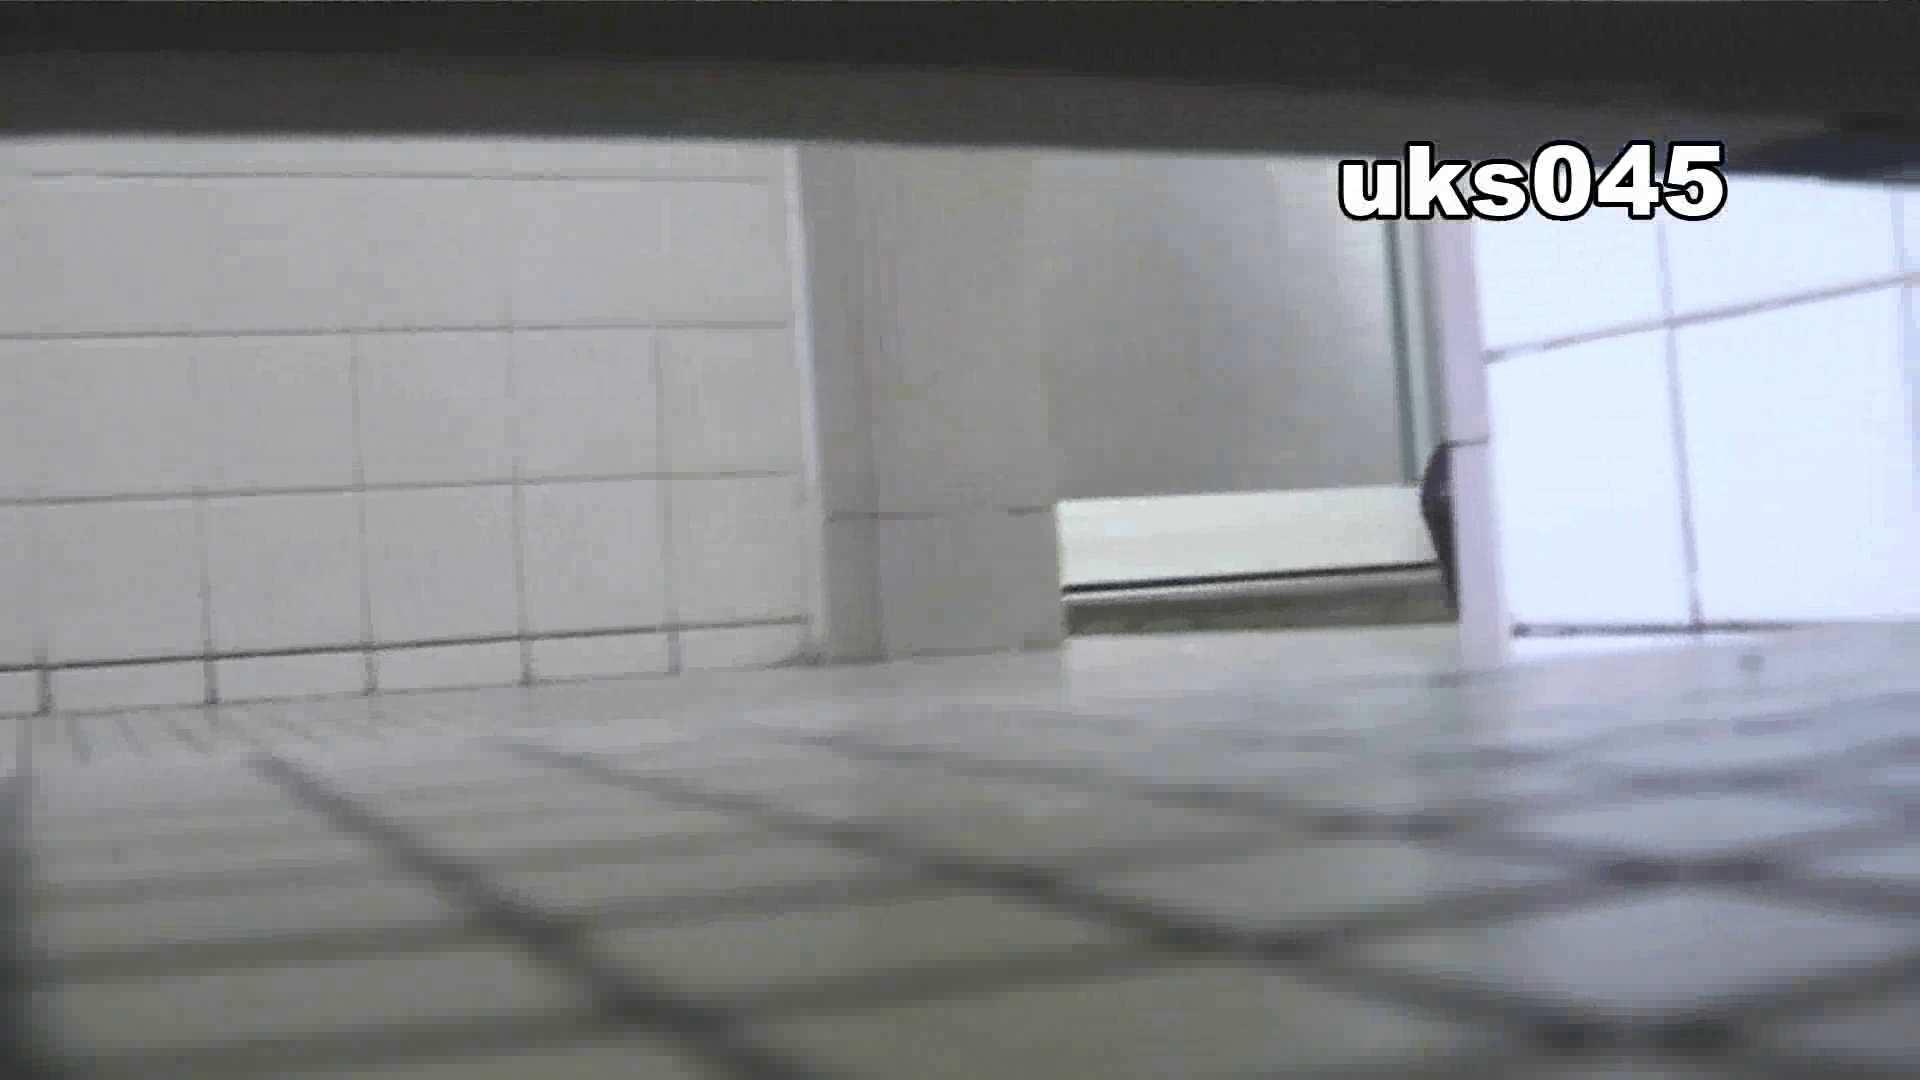 【美しき個室な世界】vol.045 みんなモリモリ 高画質  57PIX 23